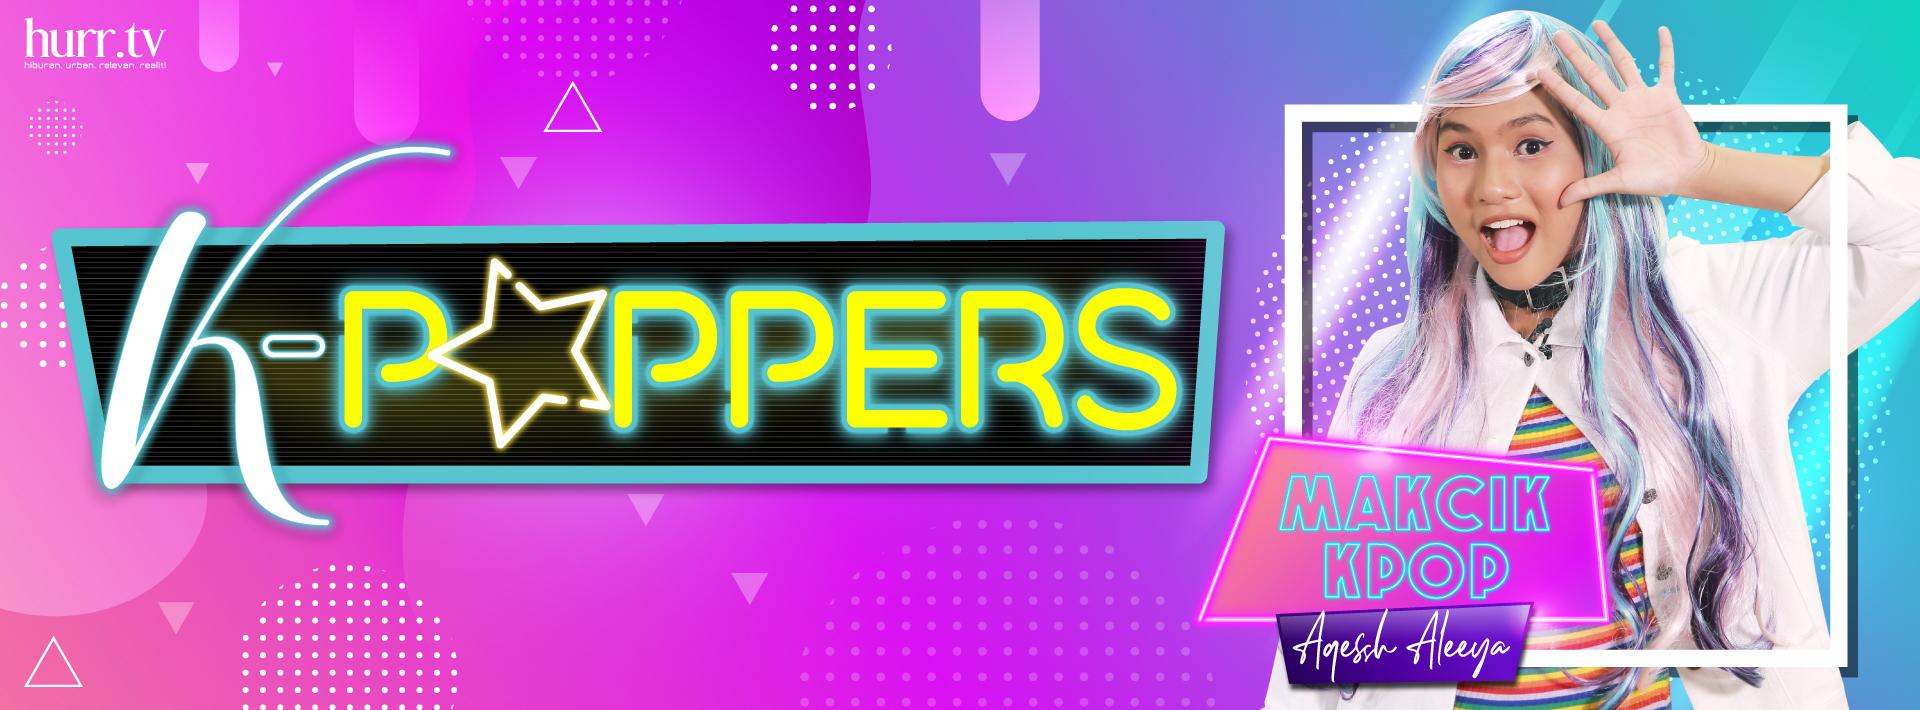 K-Poppers